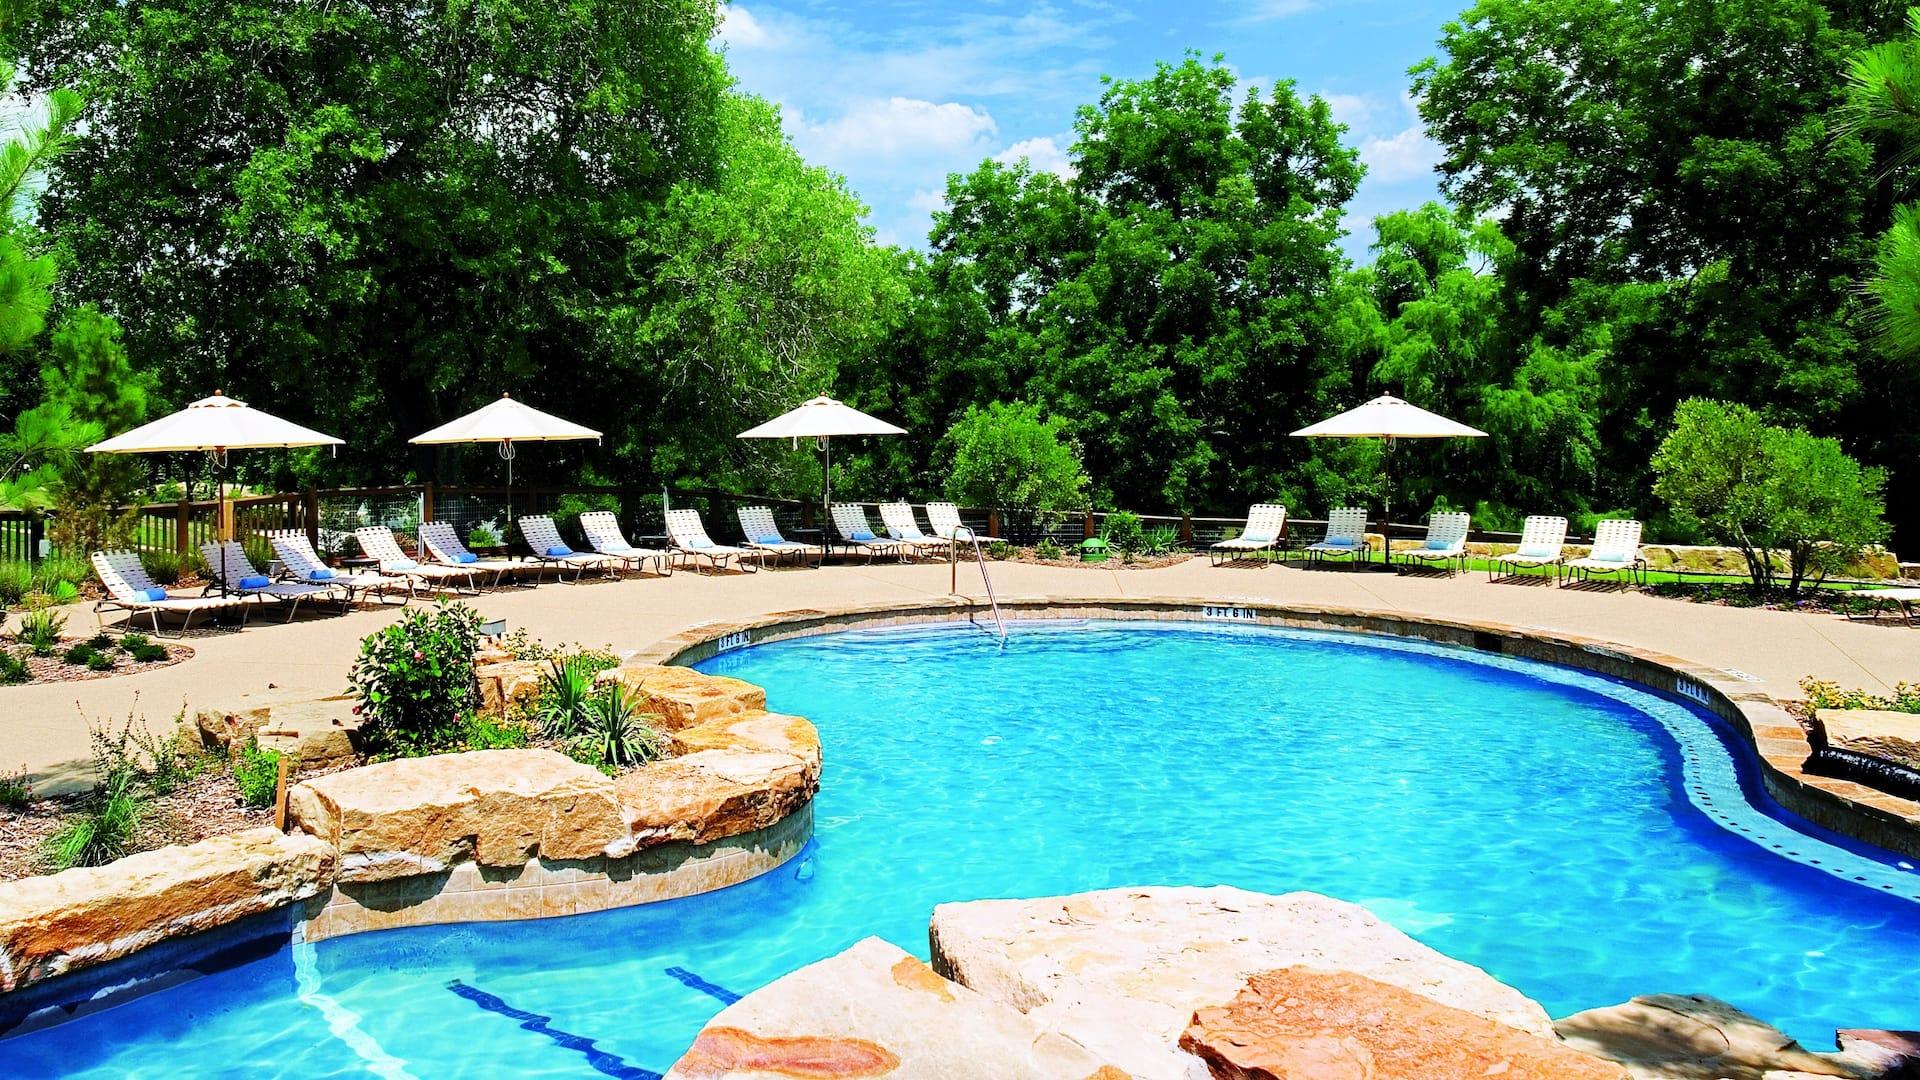 Pool Hyatt Regency Lost Pines Resort & Spa